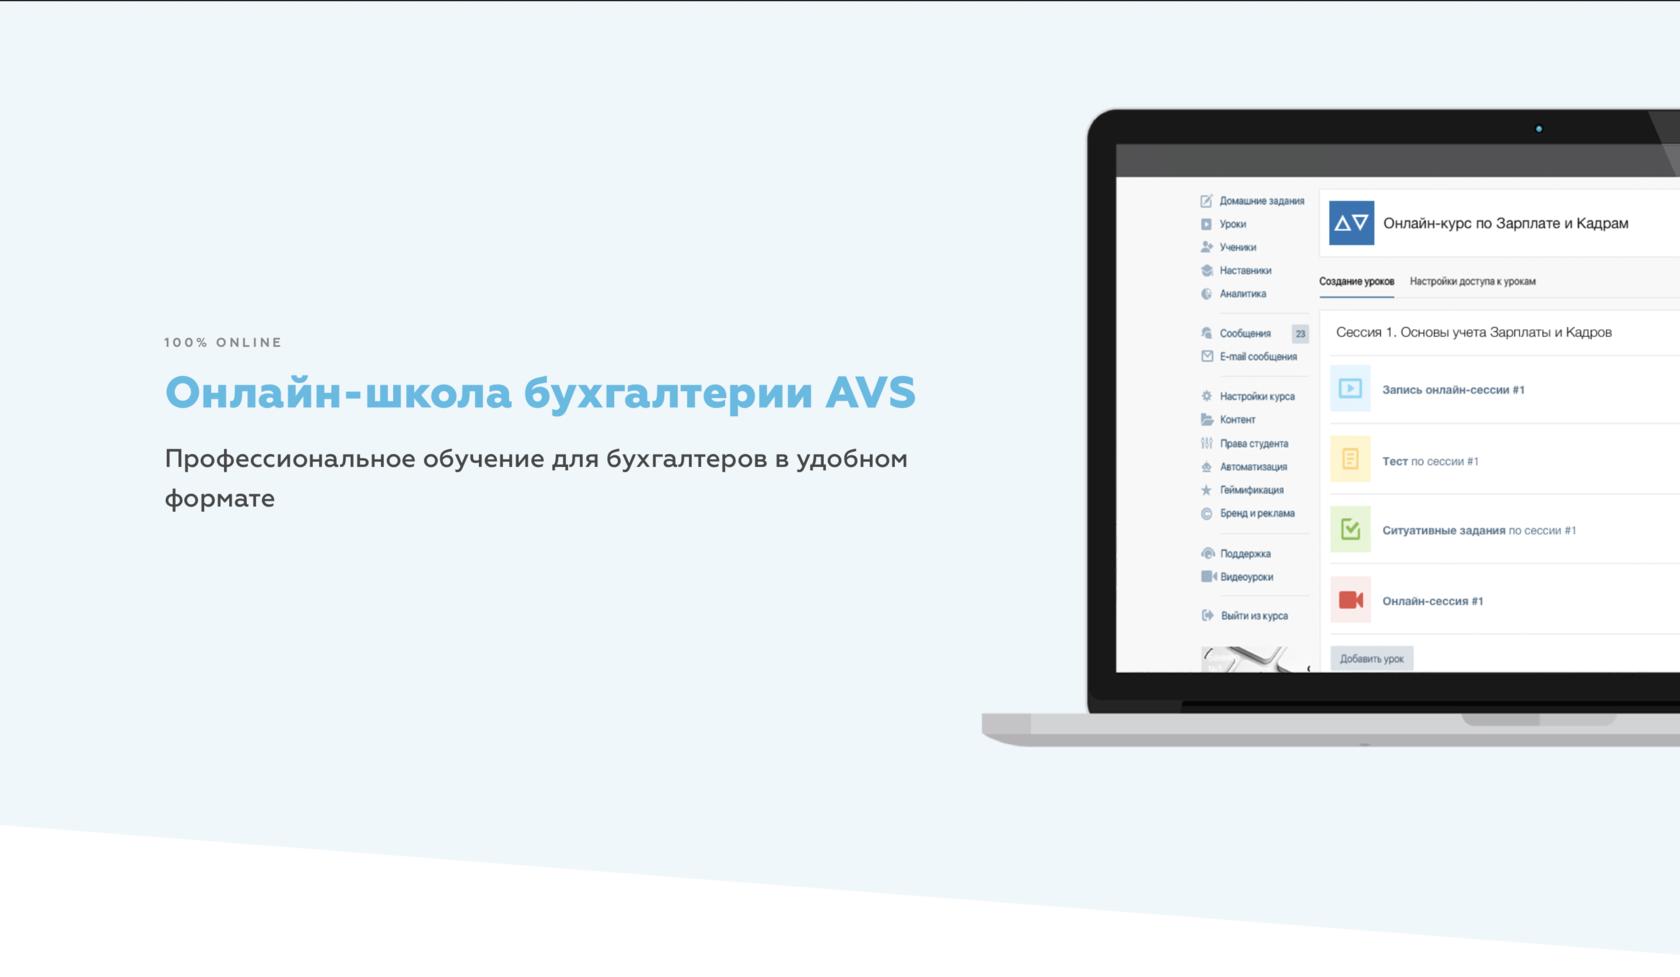 Бесплатные курсы онлайн бухгалтерия 1с бухгалтерское обслуживание москва